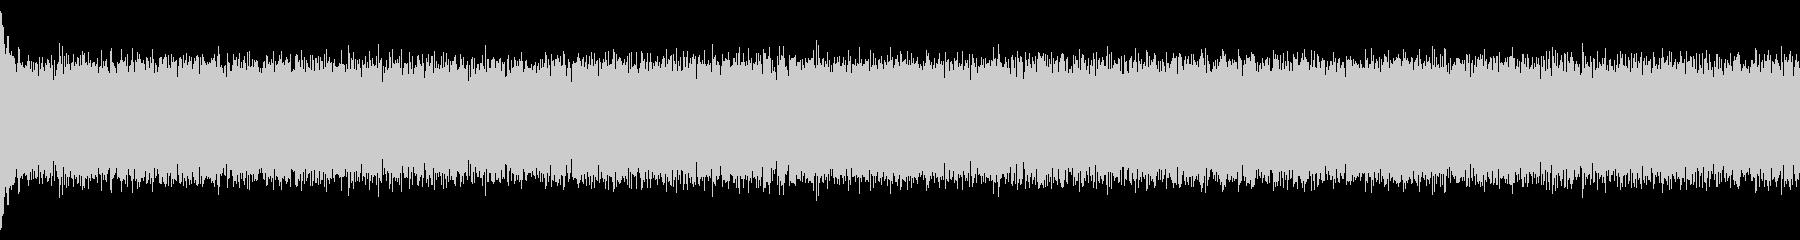 ゴー(8bitの地震の音です)の未再生の波形